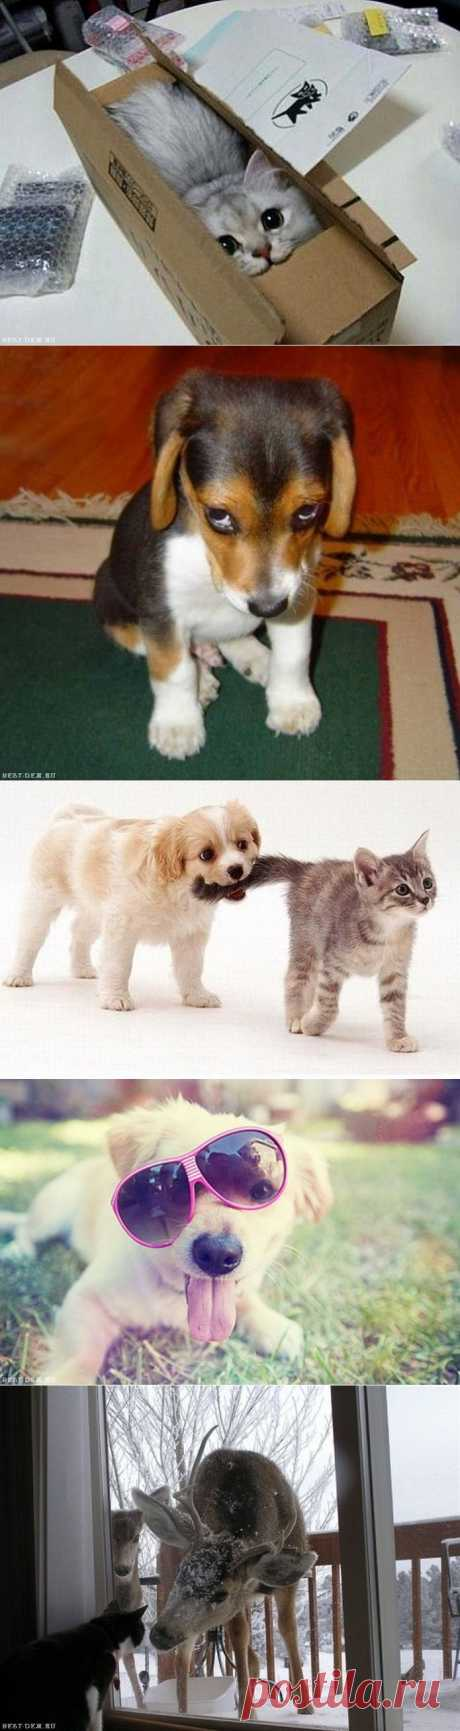 Прикольные и смешные животные. (47 фото) | Картинки животные